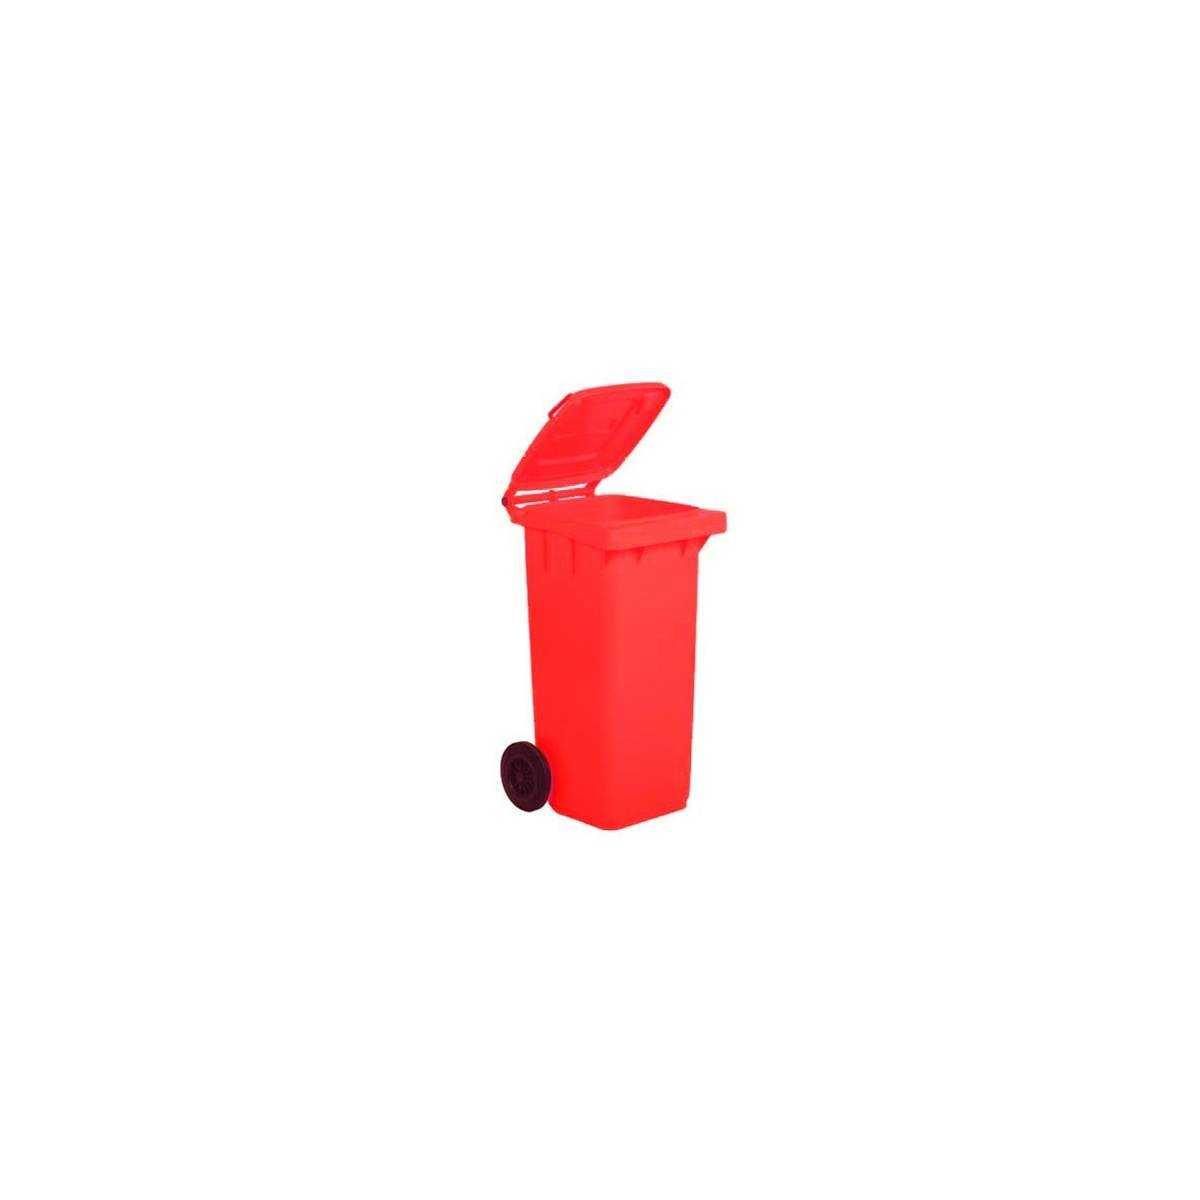 Контейнер для мусора 120л (5050R) (Красного цвета) 5050R Mar Plast